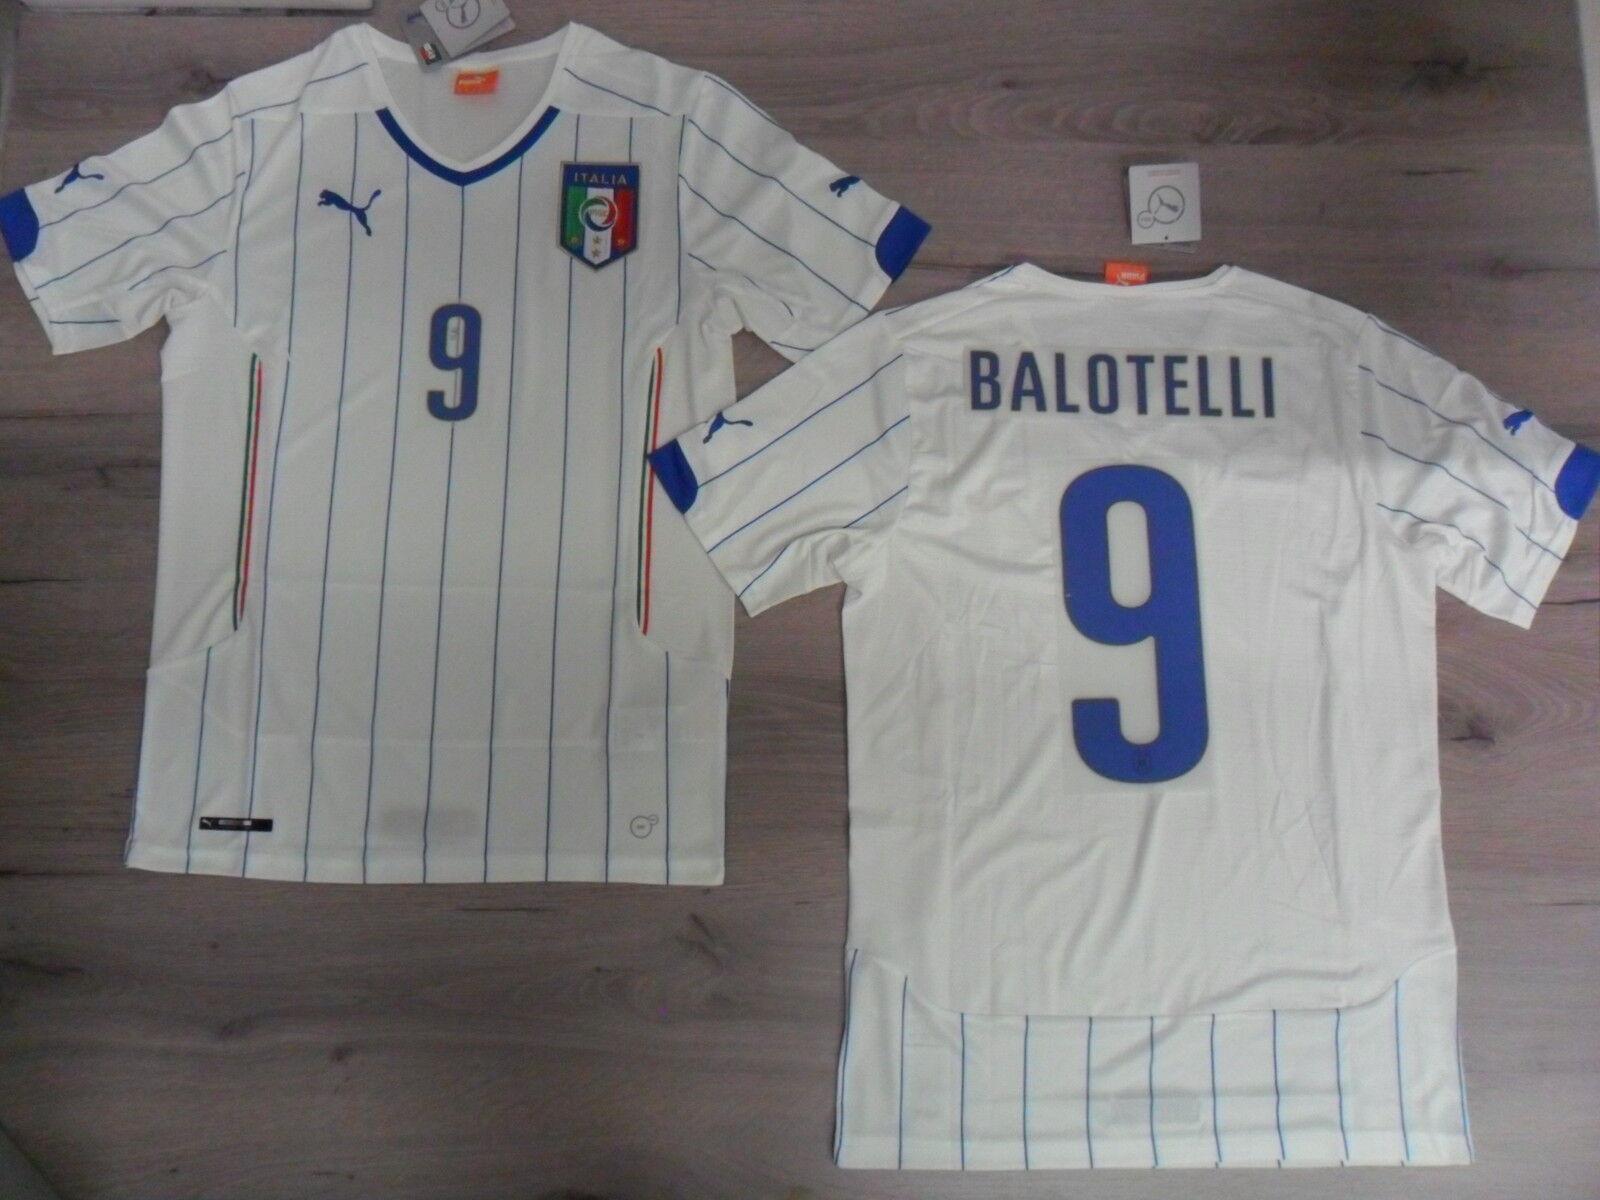 FW14 COUGAR S WEG ITALIEN 9 BALOTELLI T-SHIRT WELT ERSTE TRIKOT JERSEY